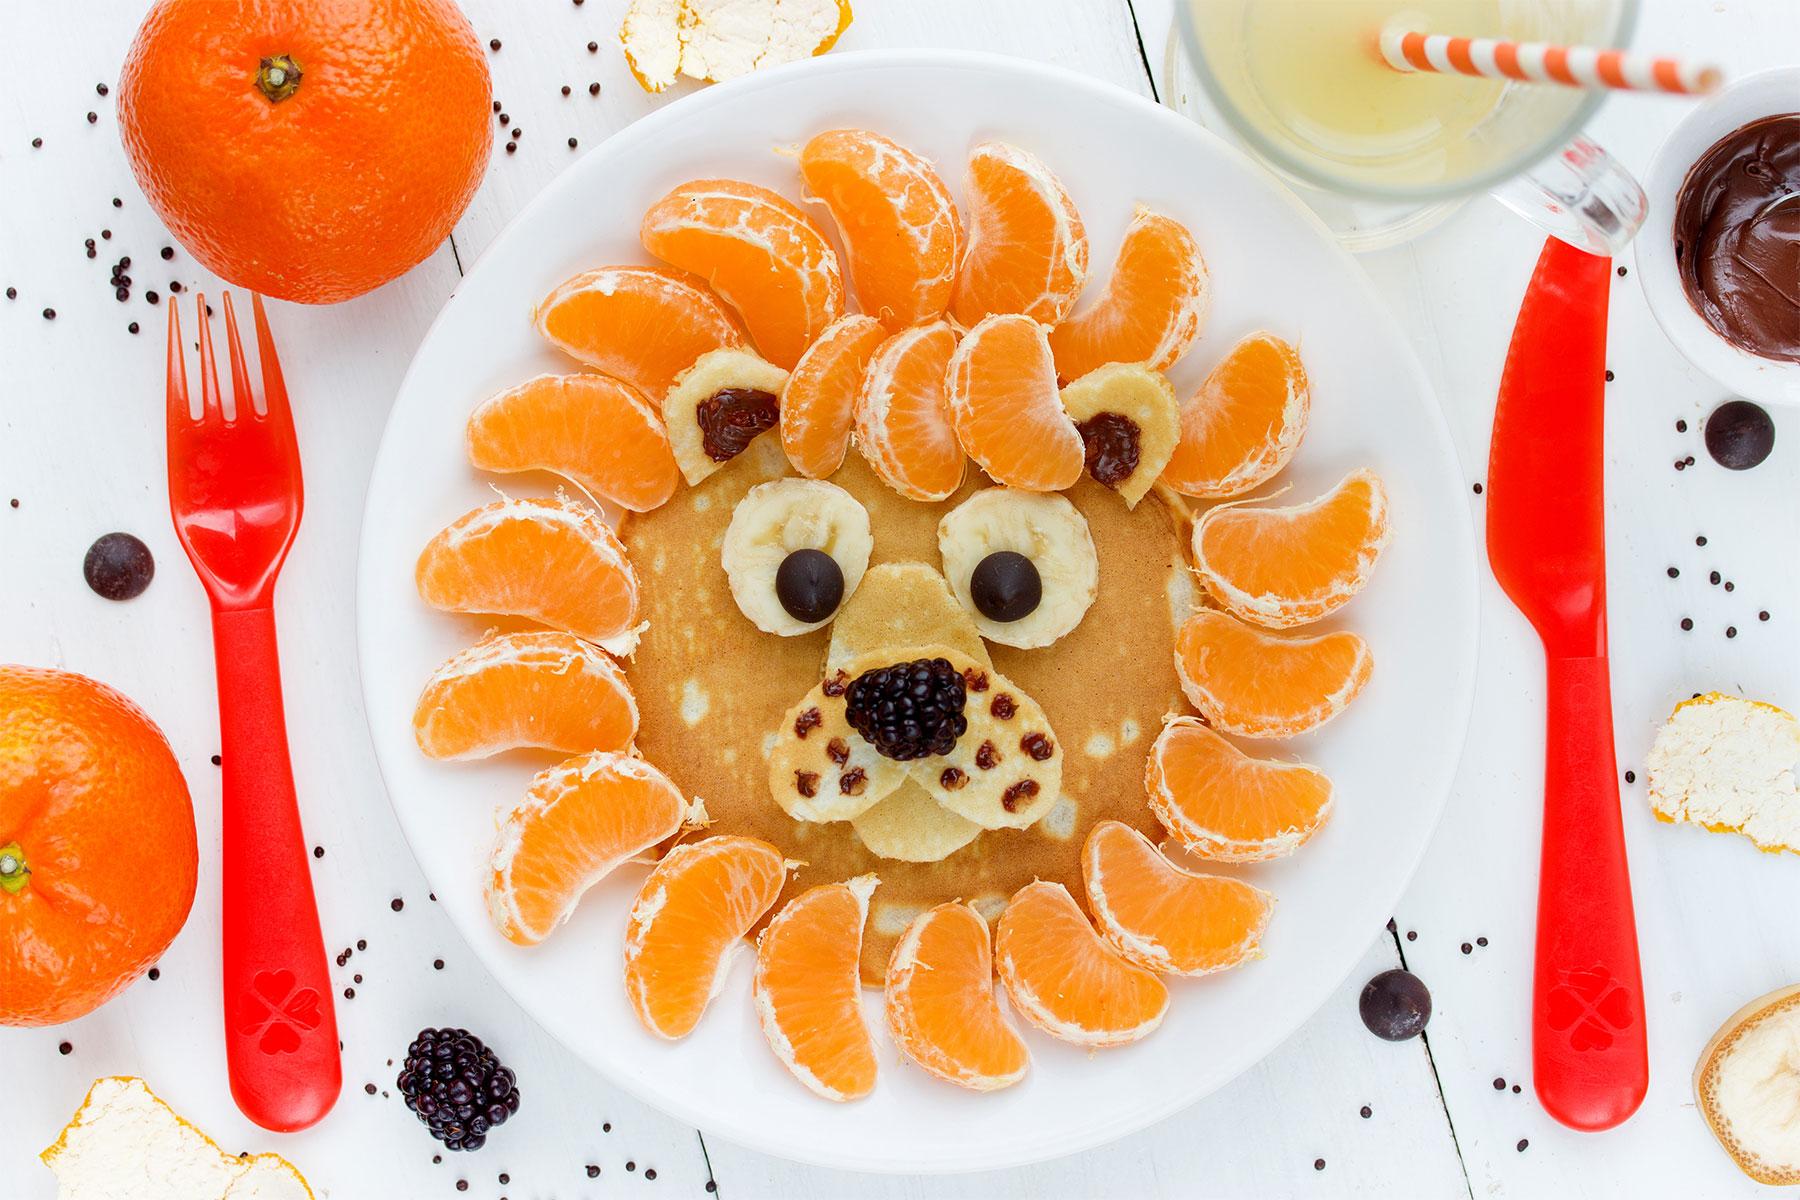 Obst und Gemüse Schnitzen Anleitung Löwe aus Pfannkuchen und Mandarinen